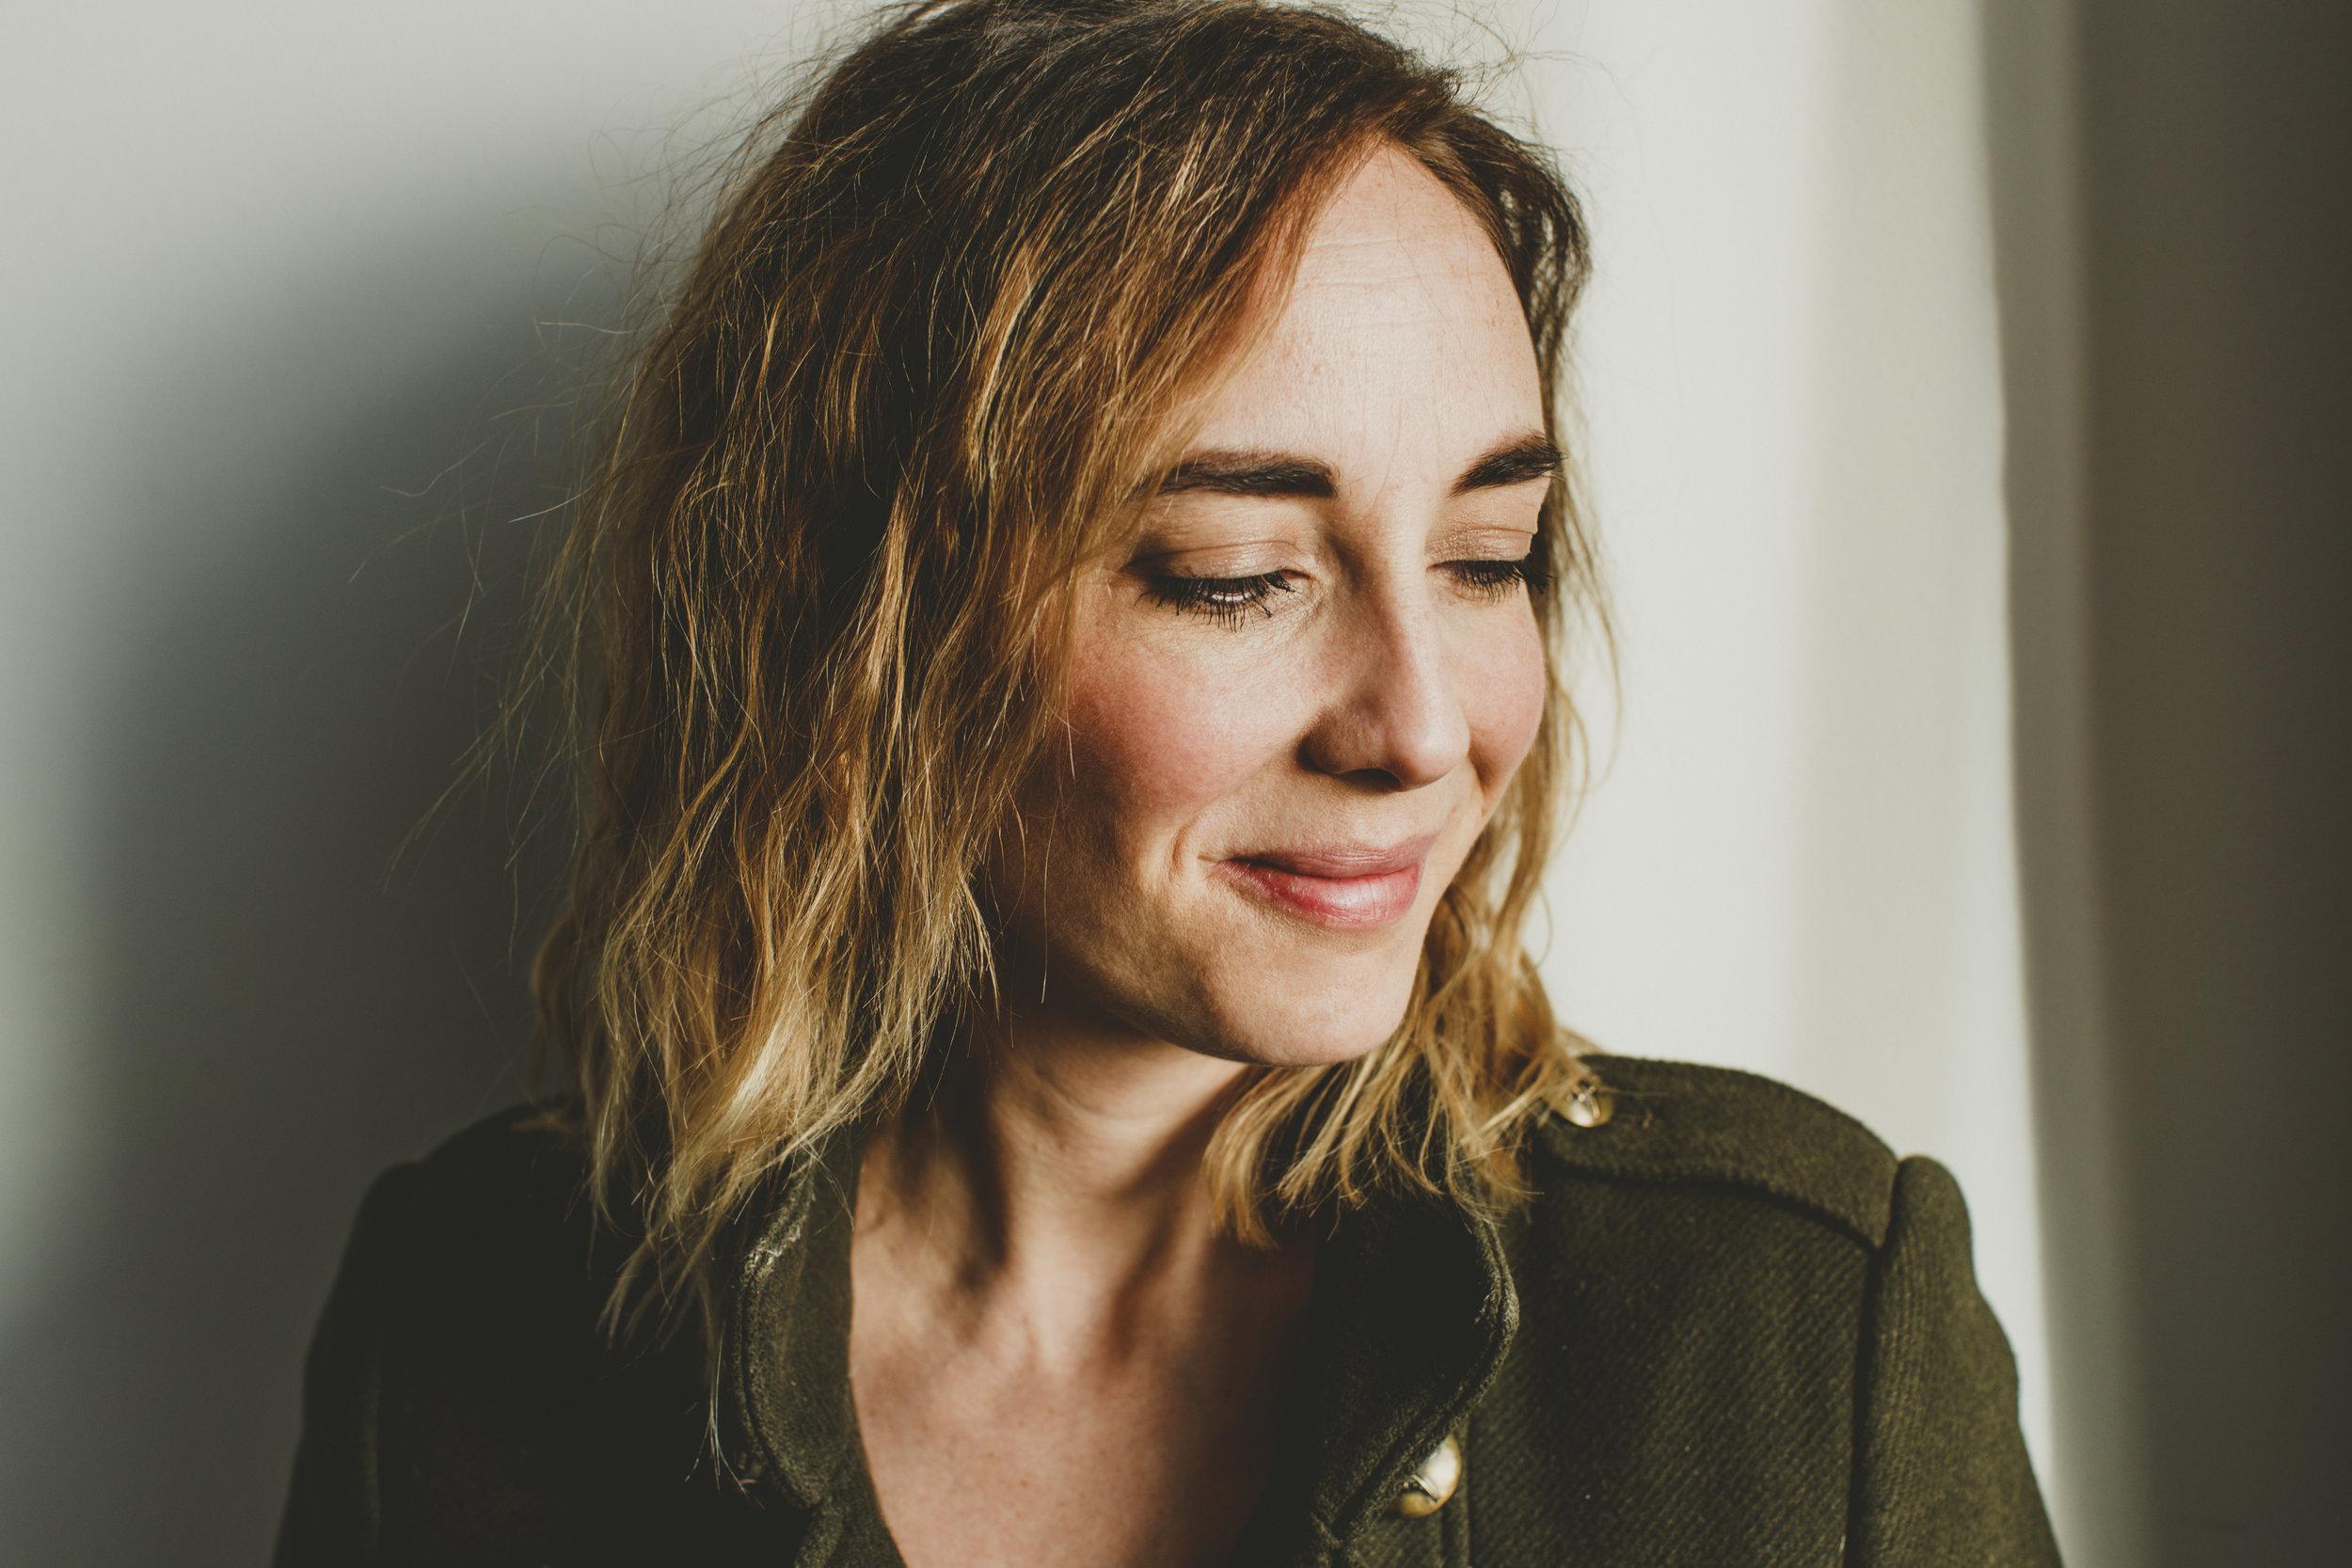 Isabel-While-Bristol-makeup-artist-hair-stylist.jpg